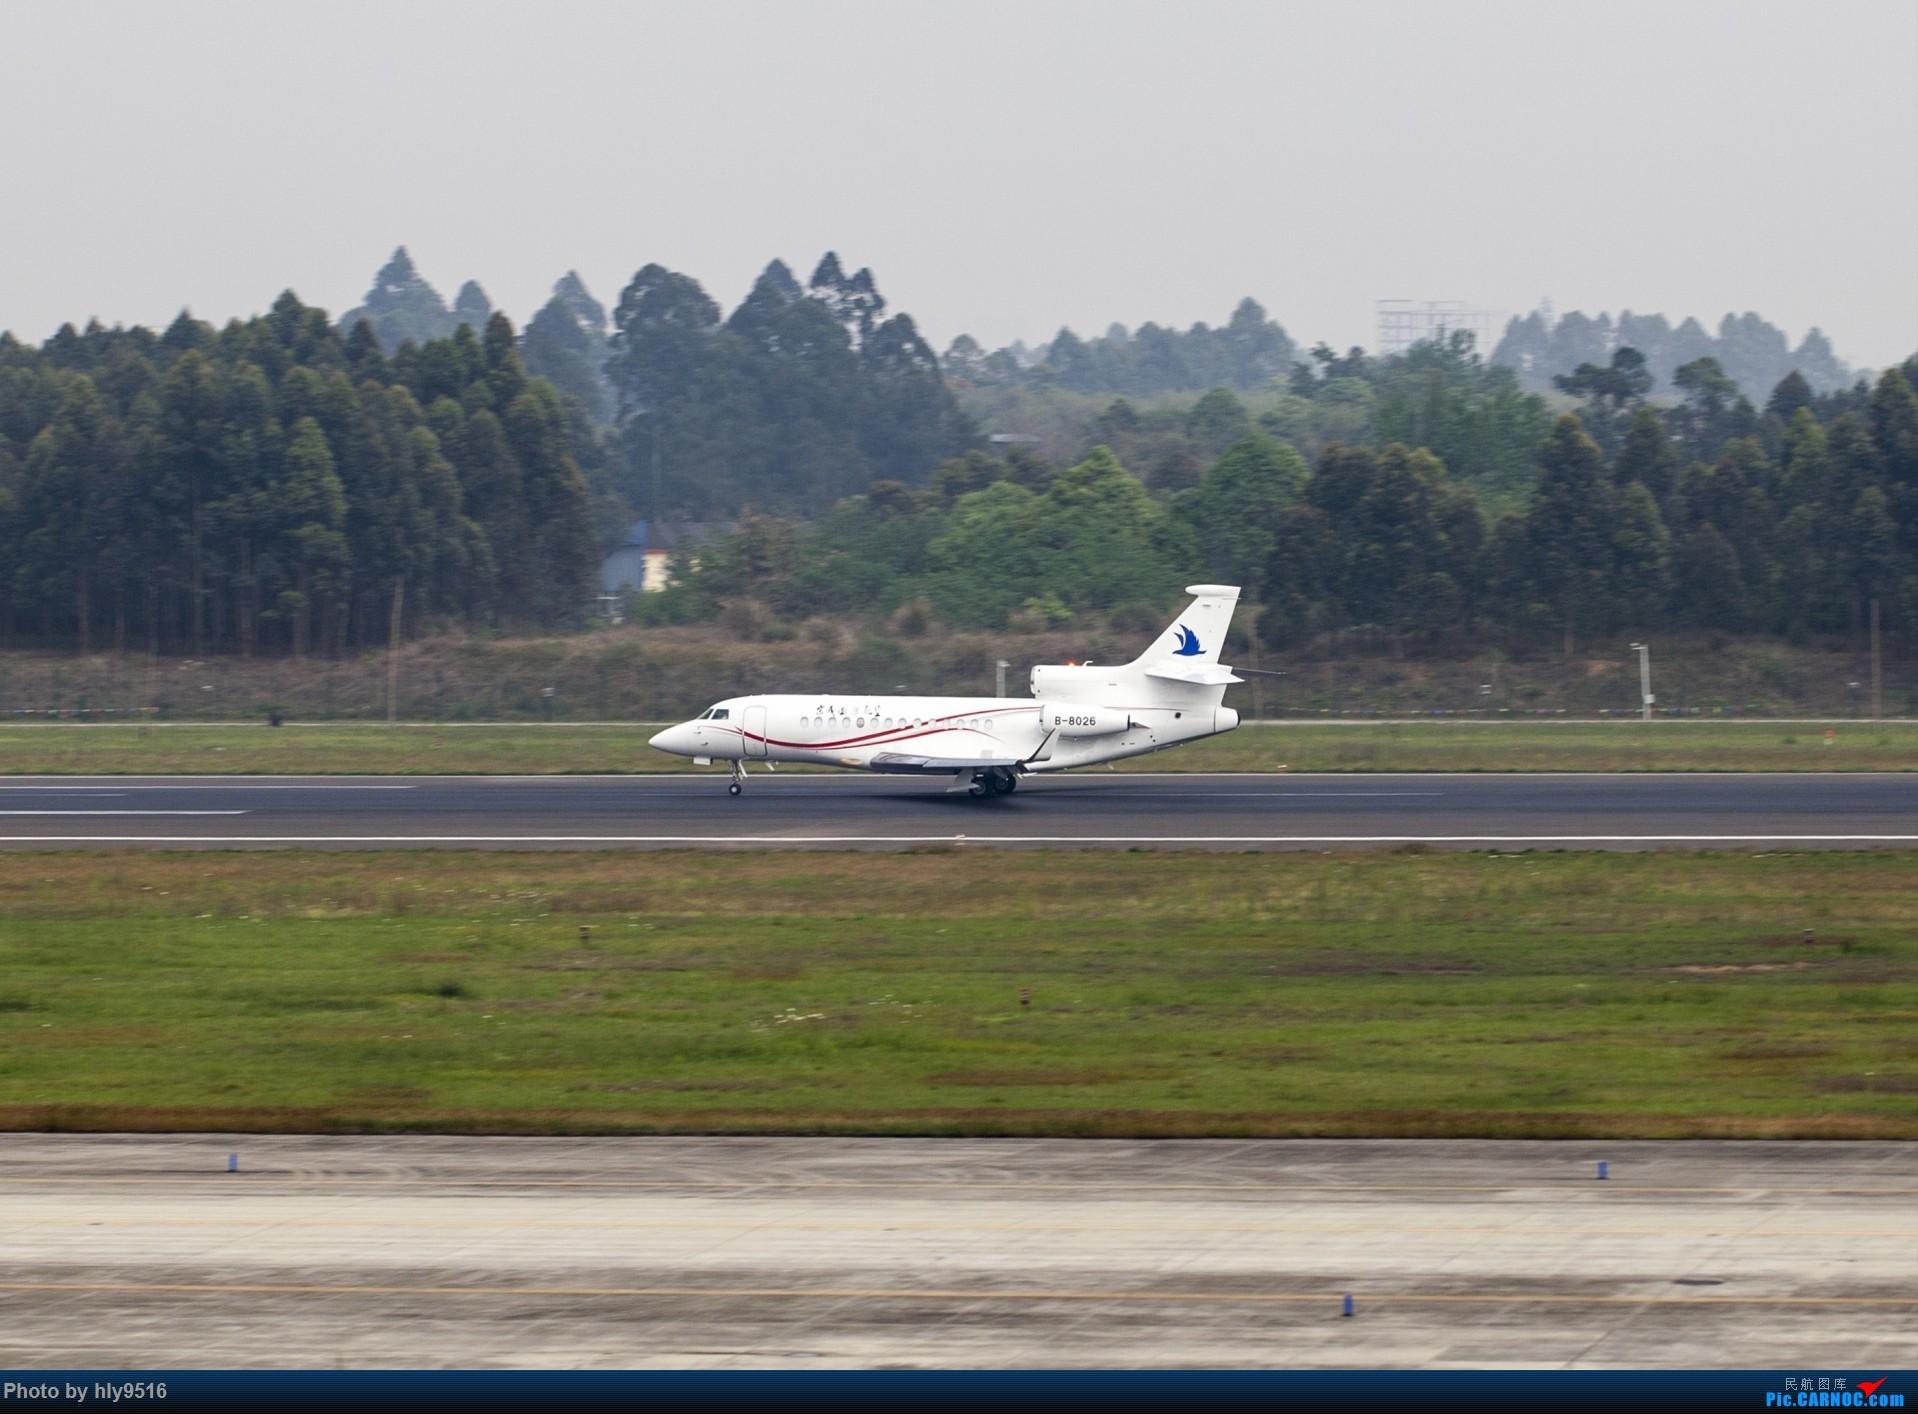 Re:[原创]【CTU】终于解决了大怨念南航A380 偶遇长荣新涂装 两次复飞 小怨念若干 DASSAULT FALCON 7X B-8026 中国成都双流国际机场